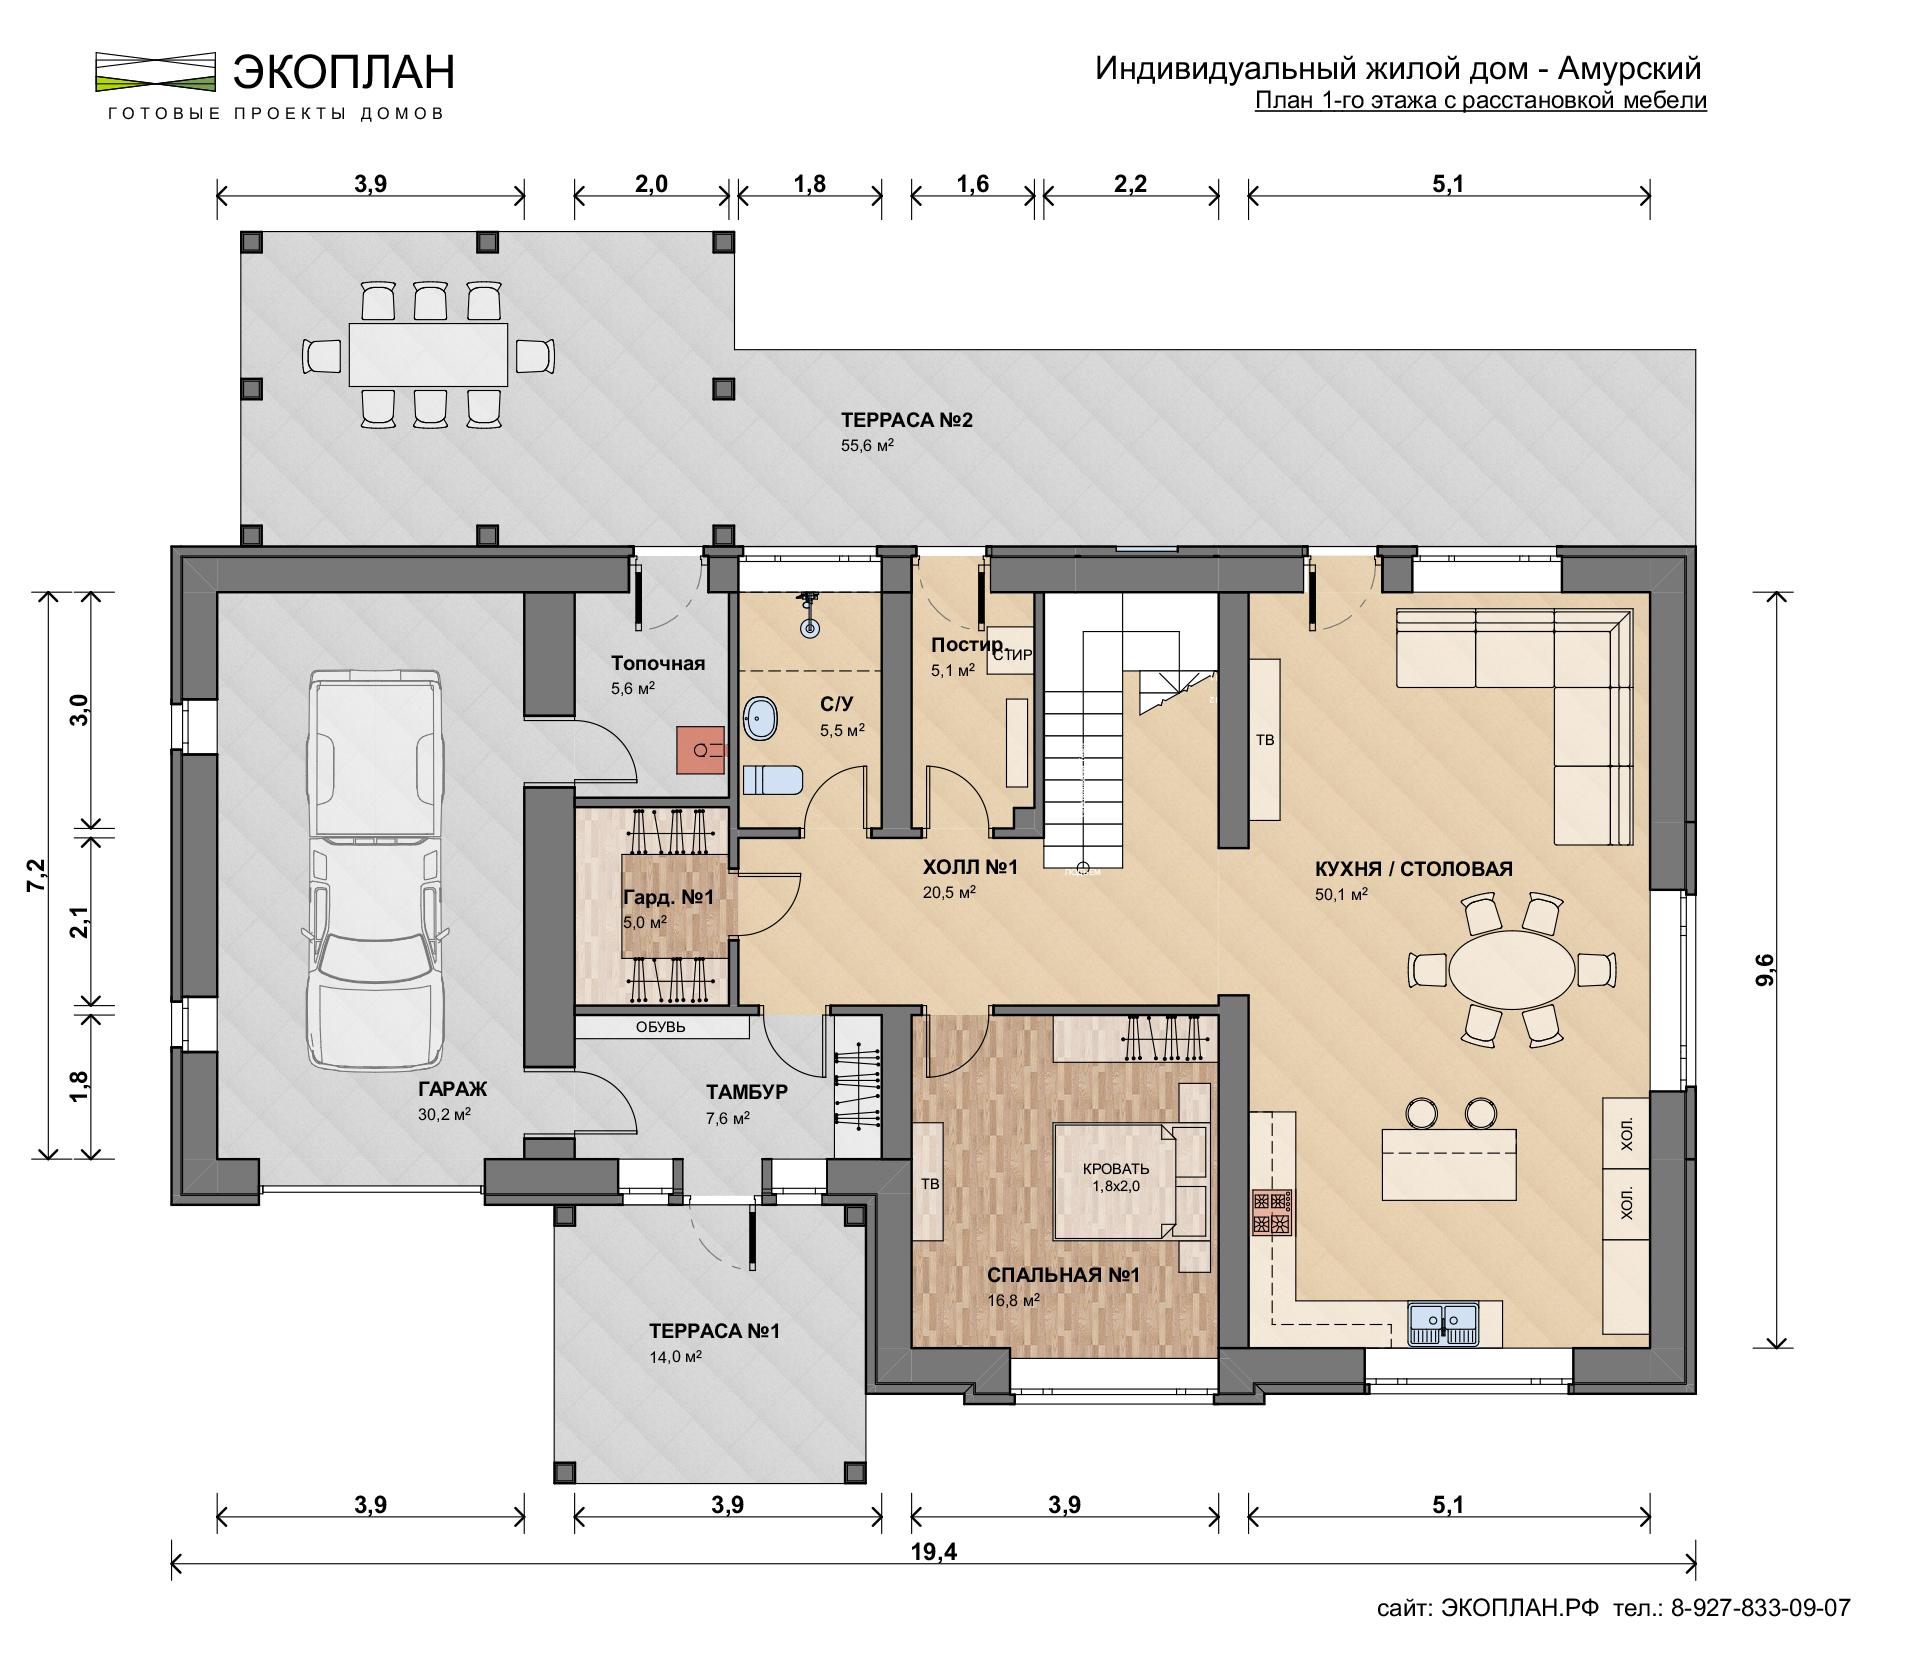 Амурский - готовый проект дома - Эколпан.рф план